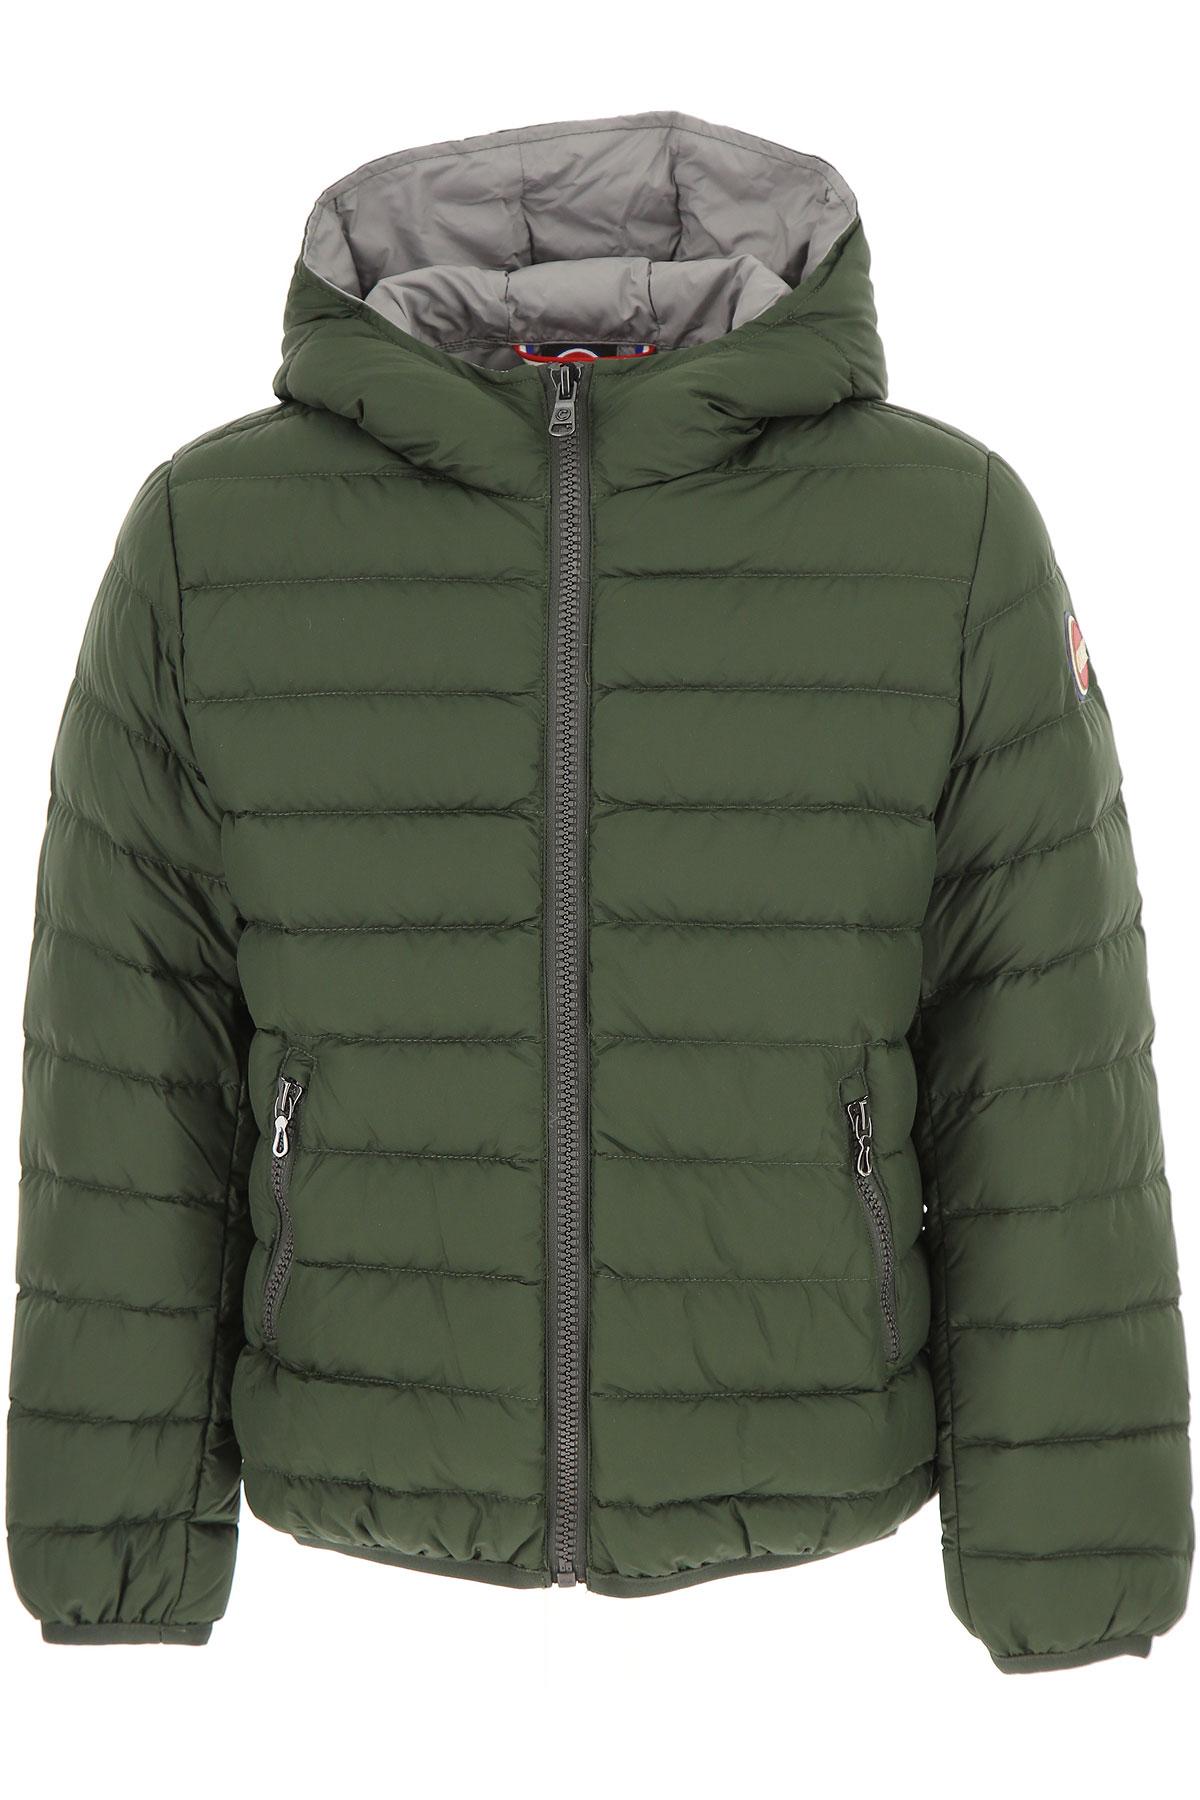 Image of Colmar Boys Down Jacket for Kids, Puffer Ski Jacket, Green, polyester, 2017, 10Y 14Y 16Y 6Y 8Y